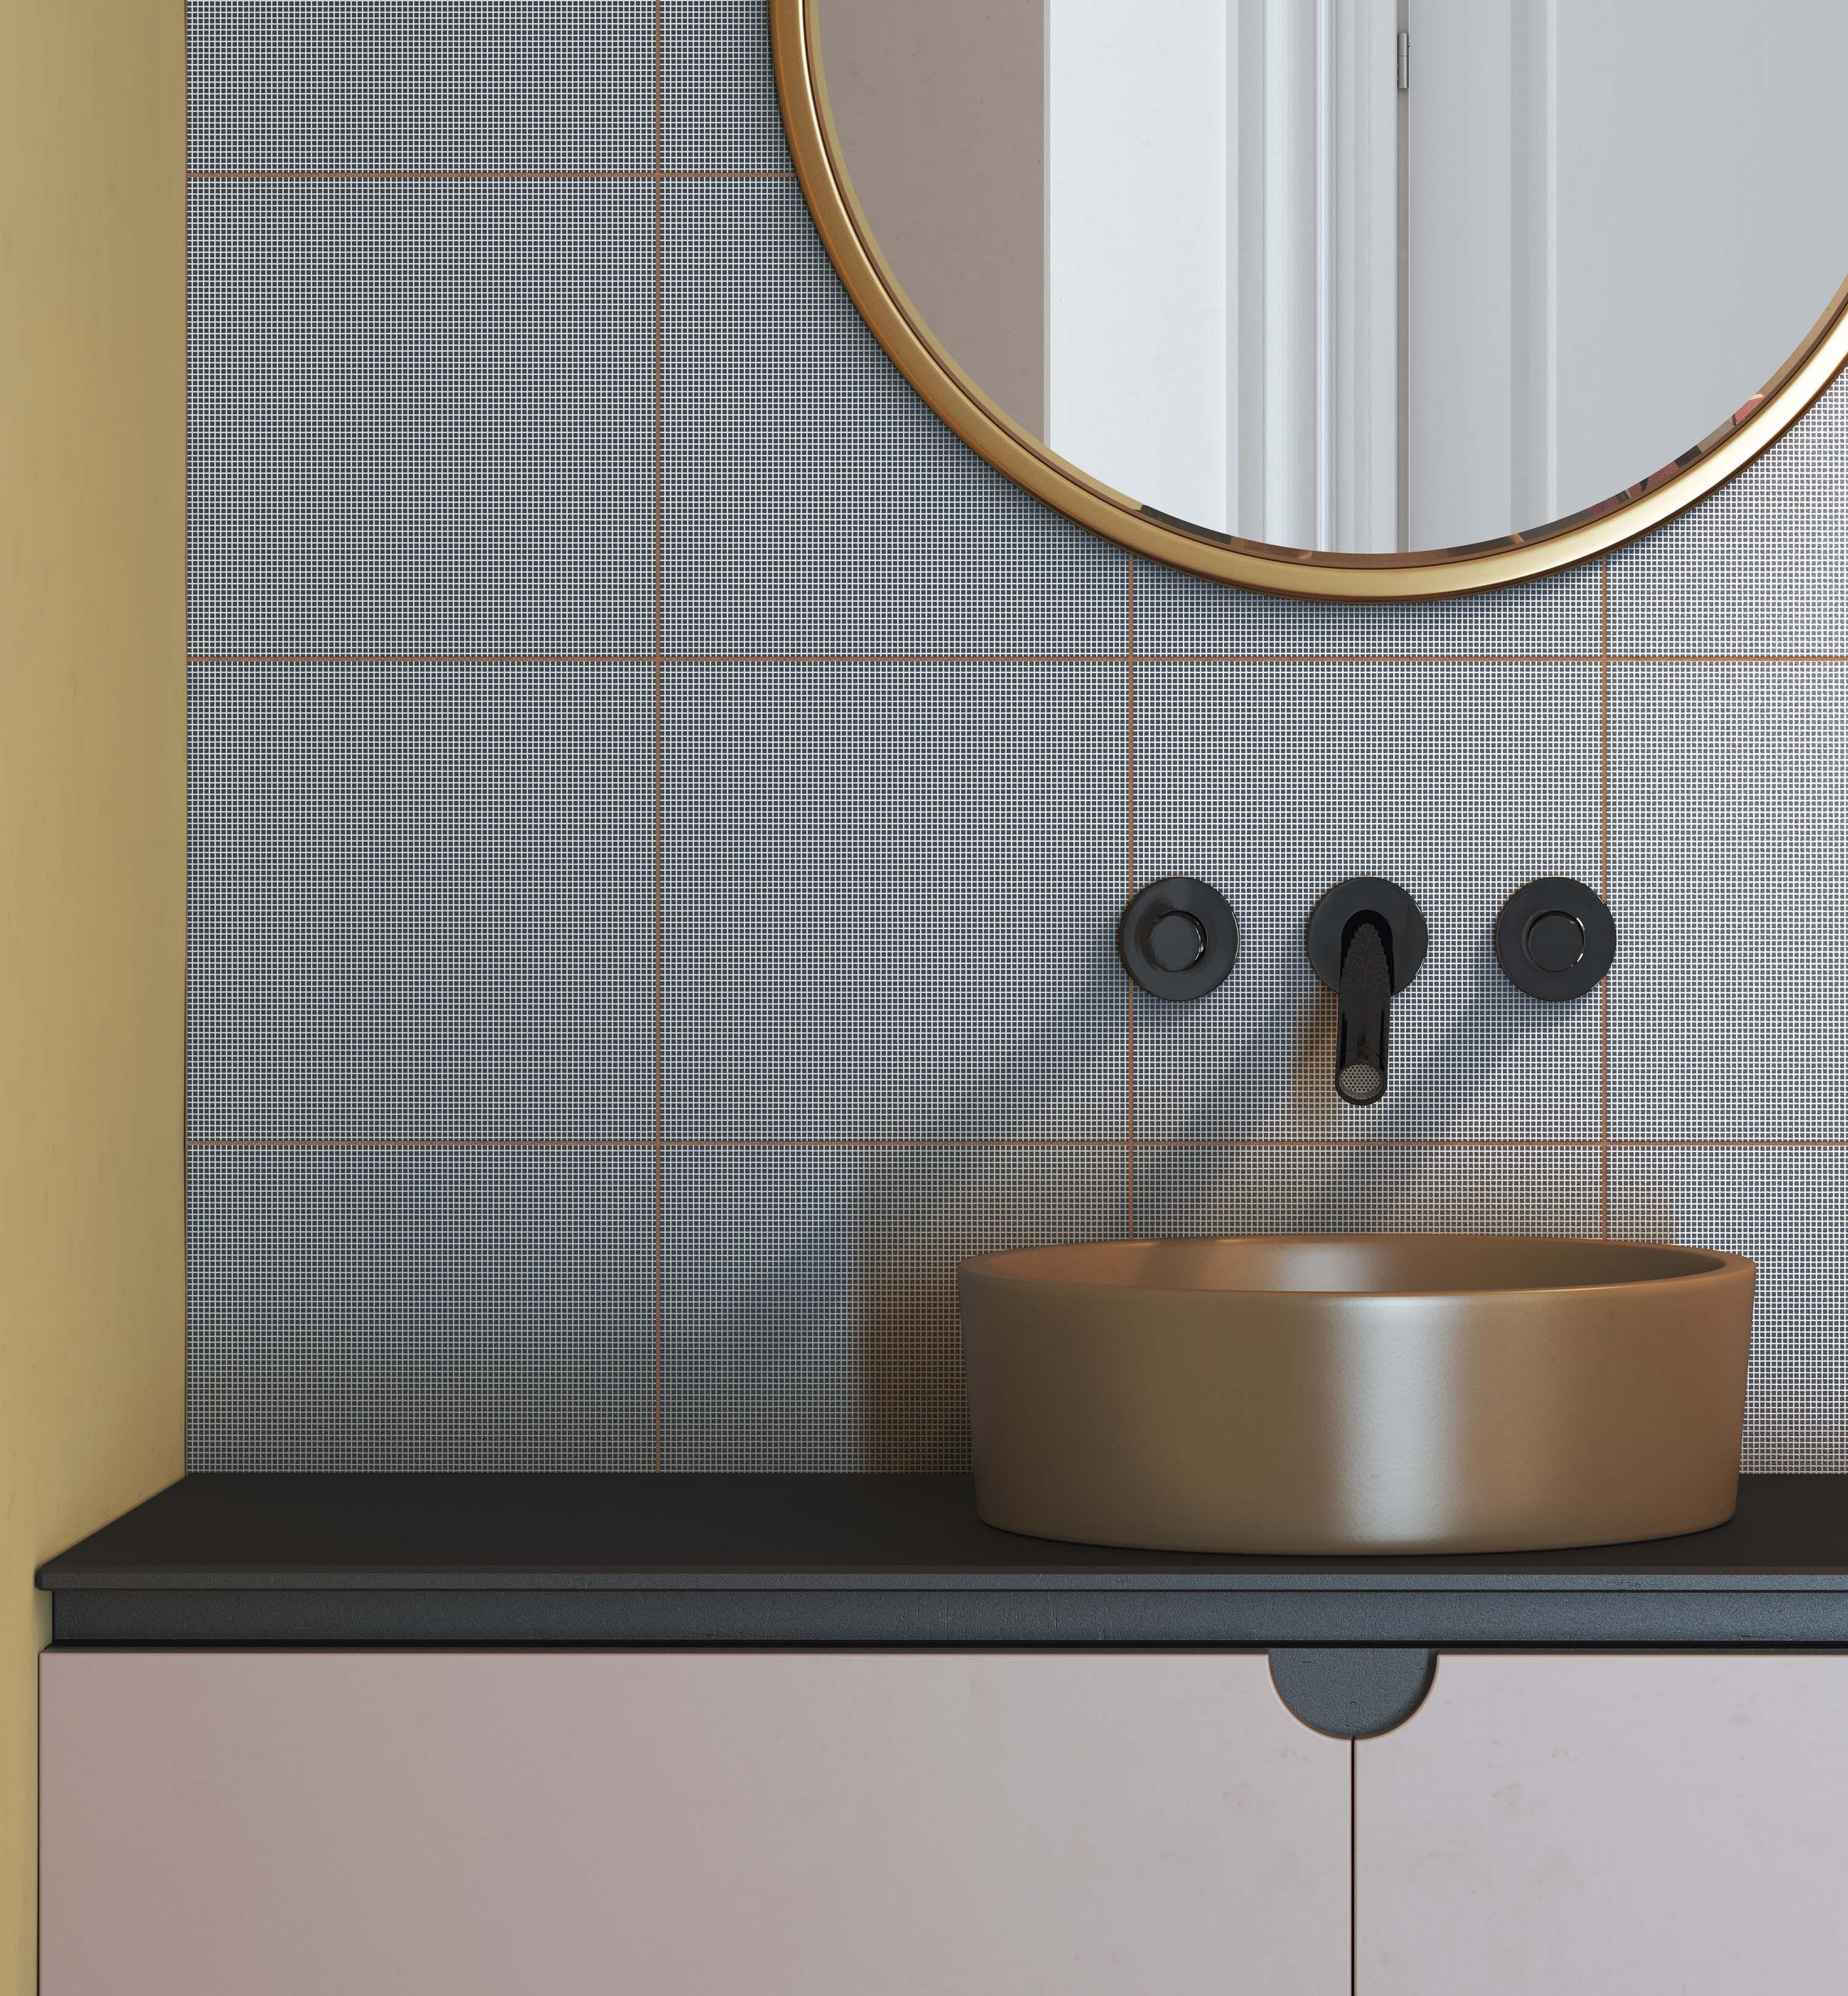 Ceramica vogue graph bathrooms with style for Ceramica vogue